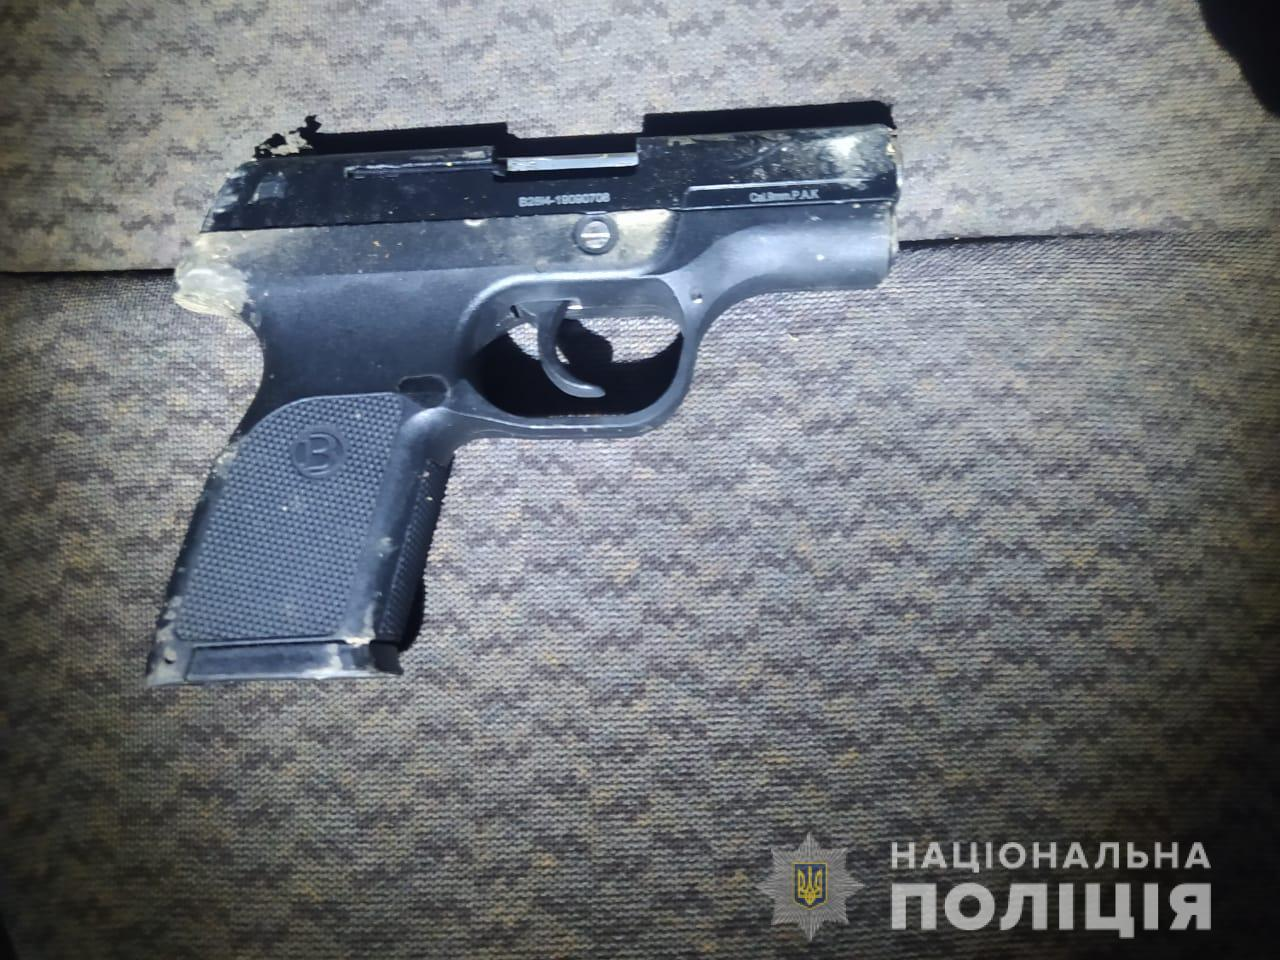 Поліцейські Виноградова вилучили у чоловіка пістолет.